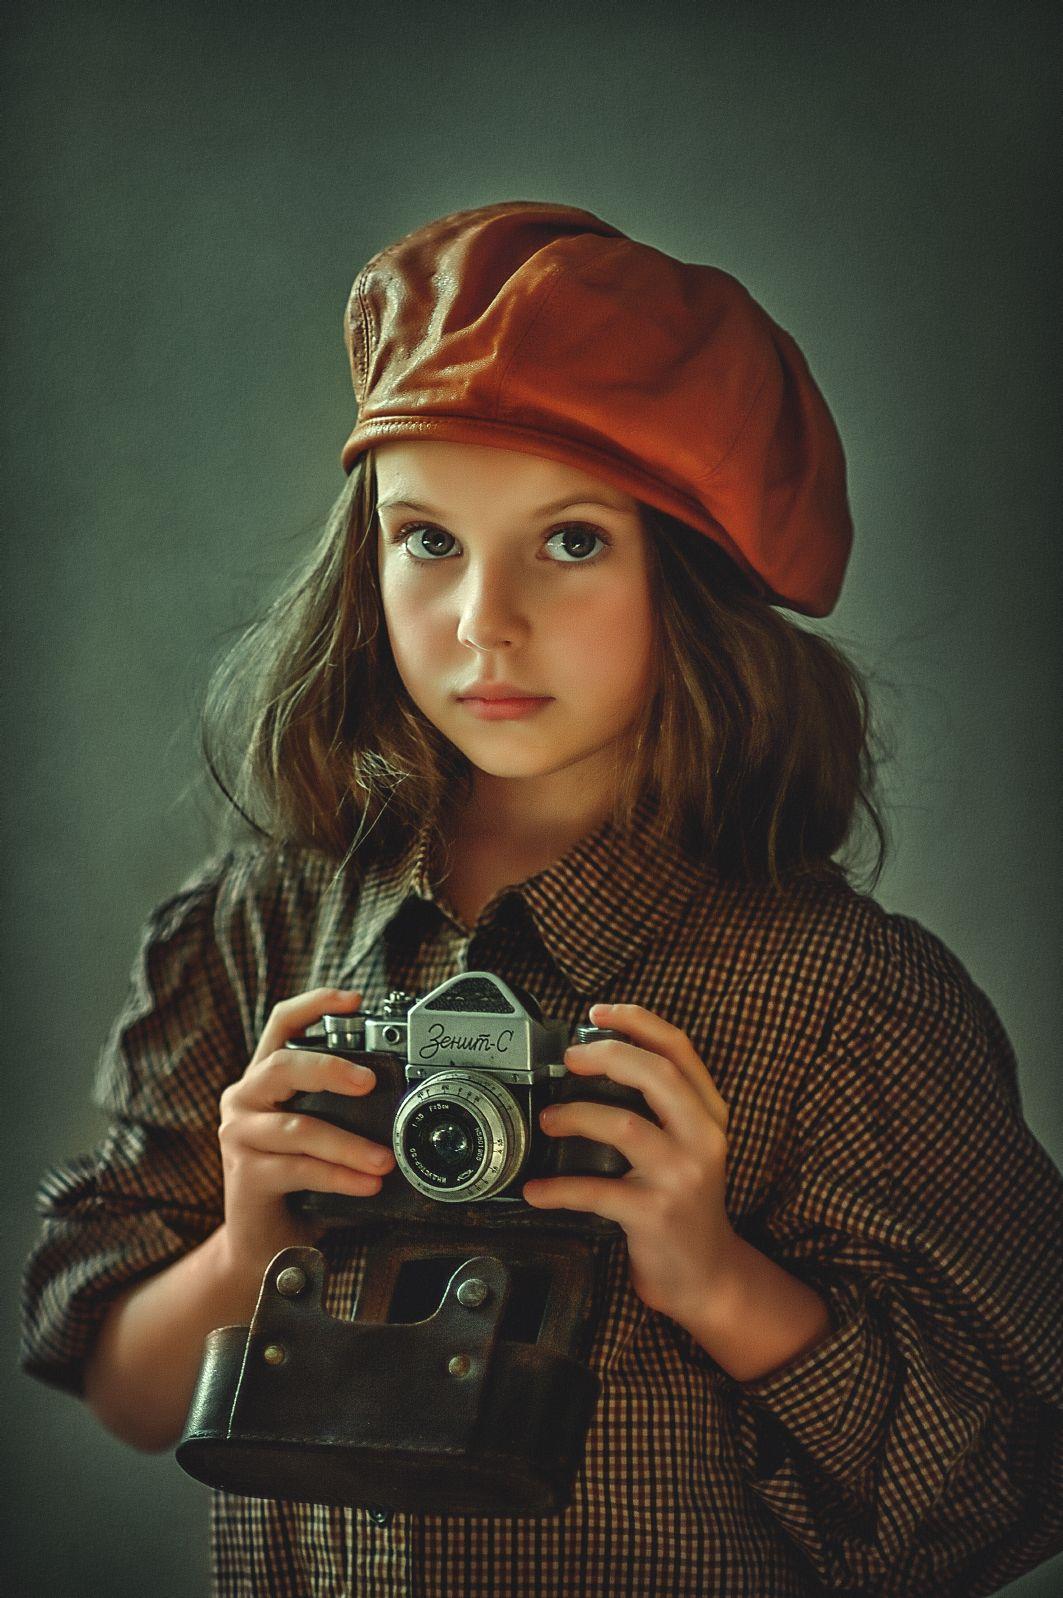 портрет, девочка, волосы, взгляд, ребенок, цвет, ретро,  техника, кепка, головной убор, Ганич Ирина